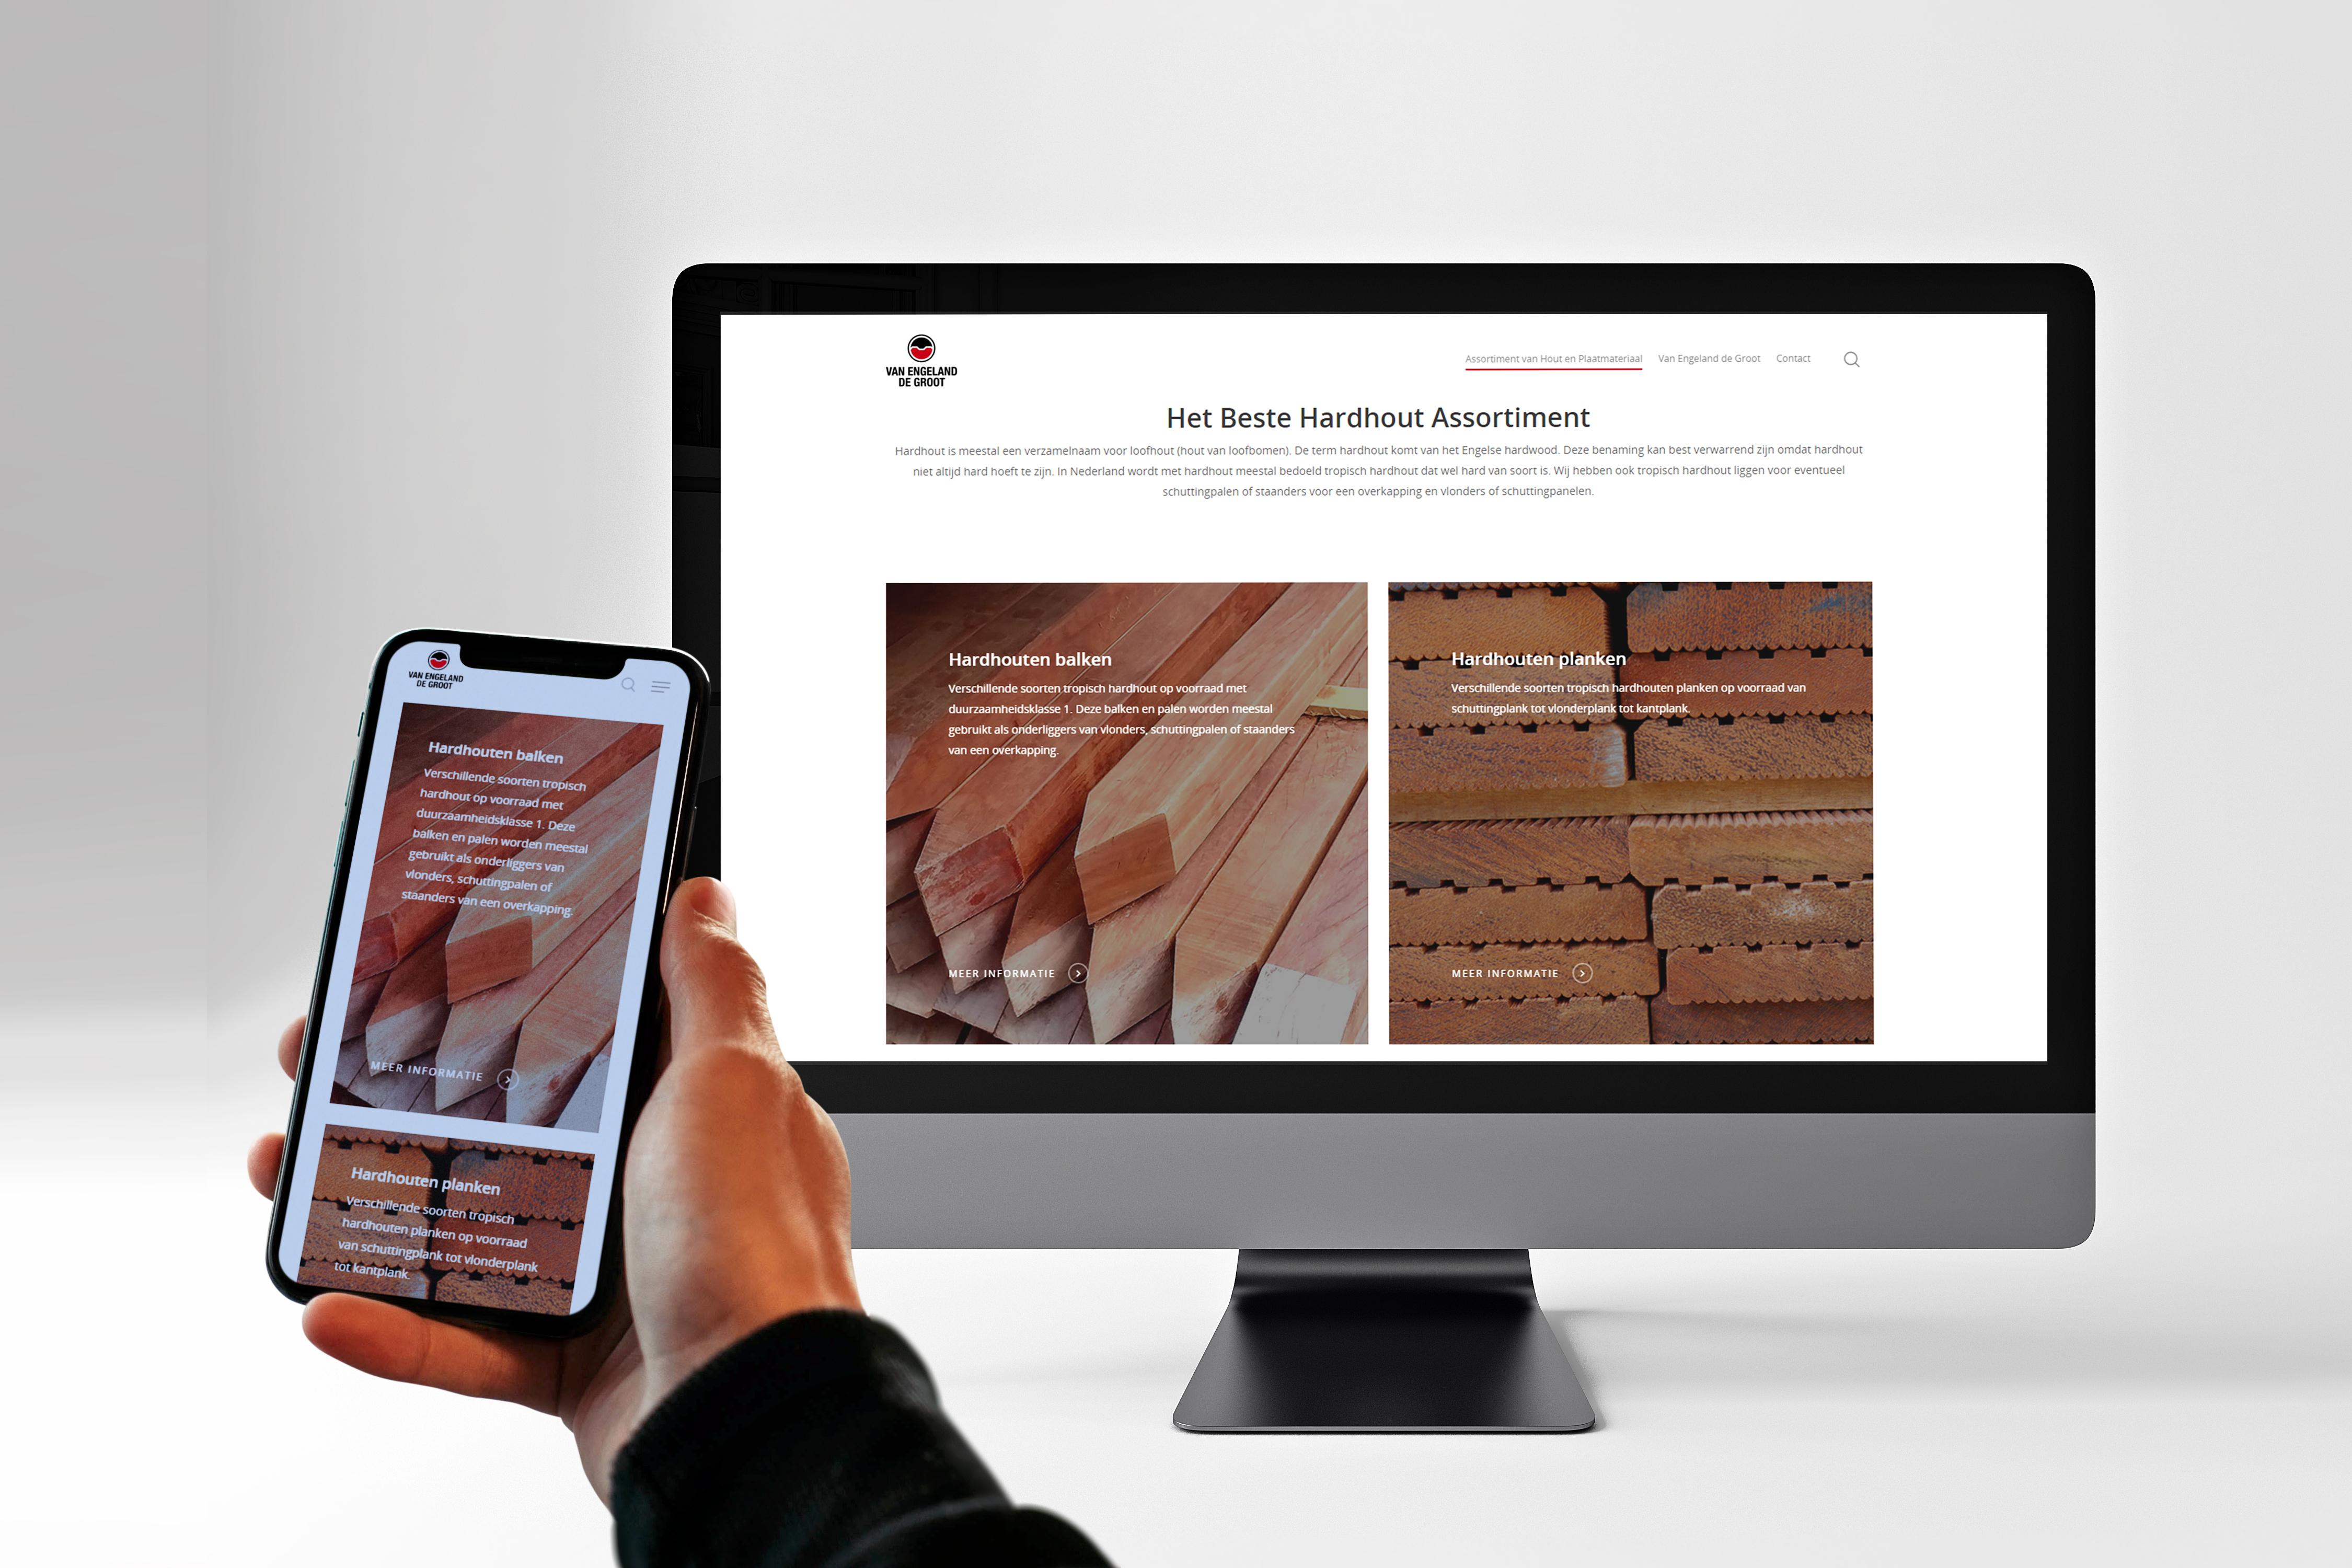 De van engeland de groot website op een imac